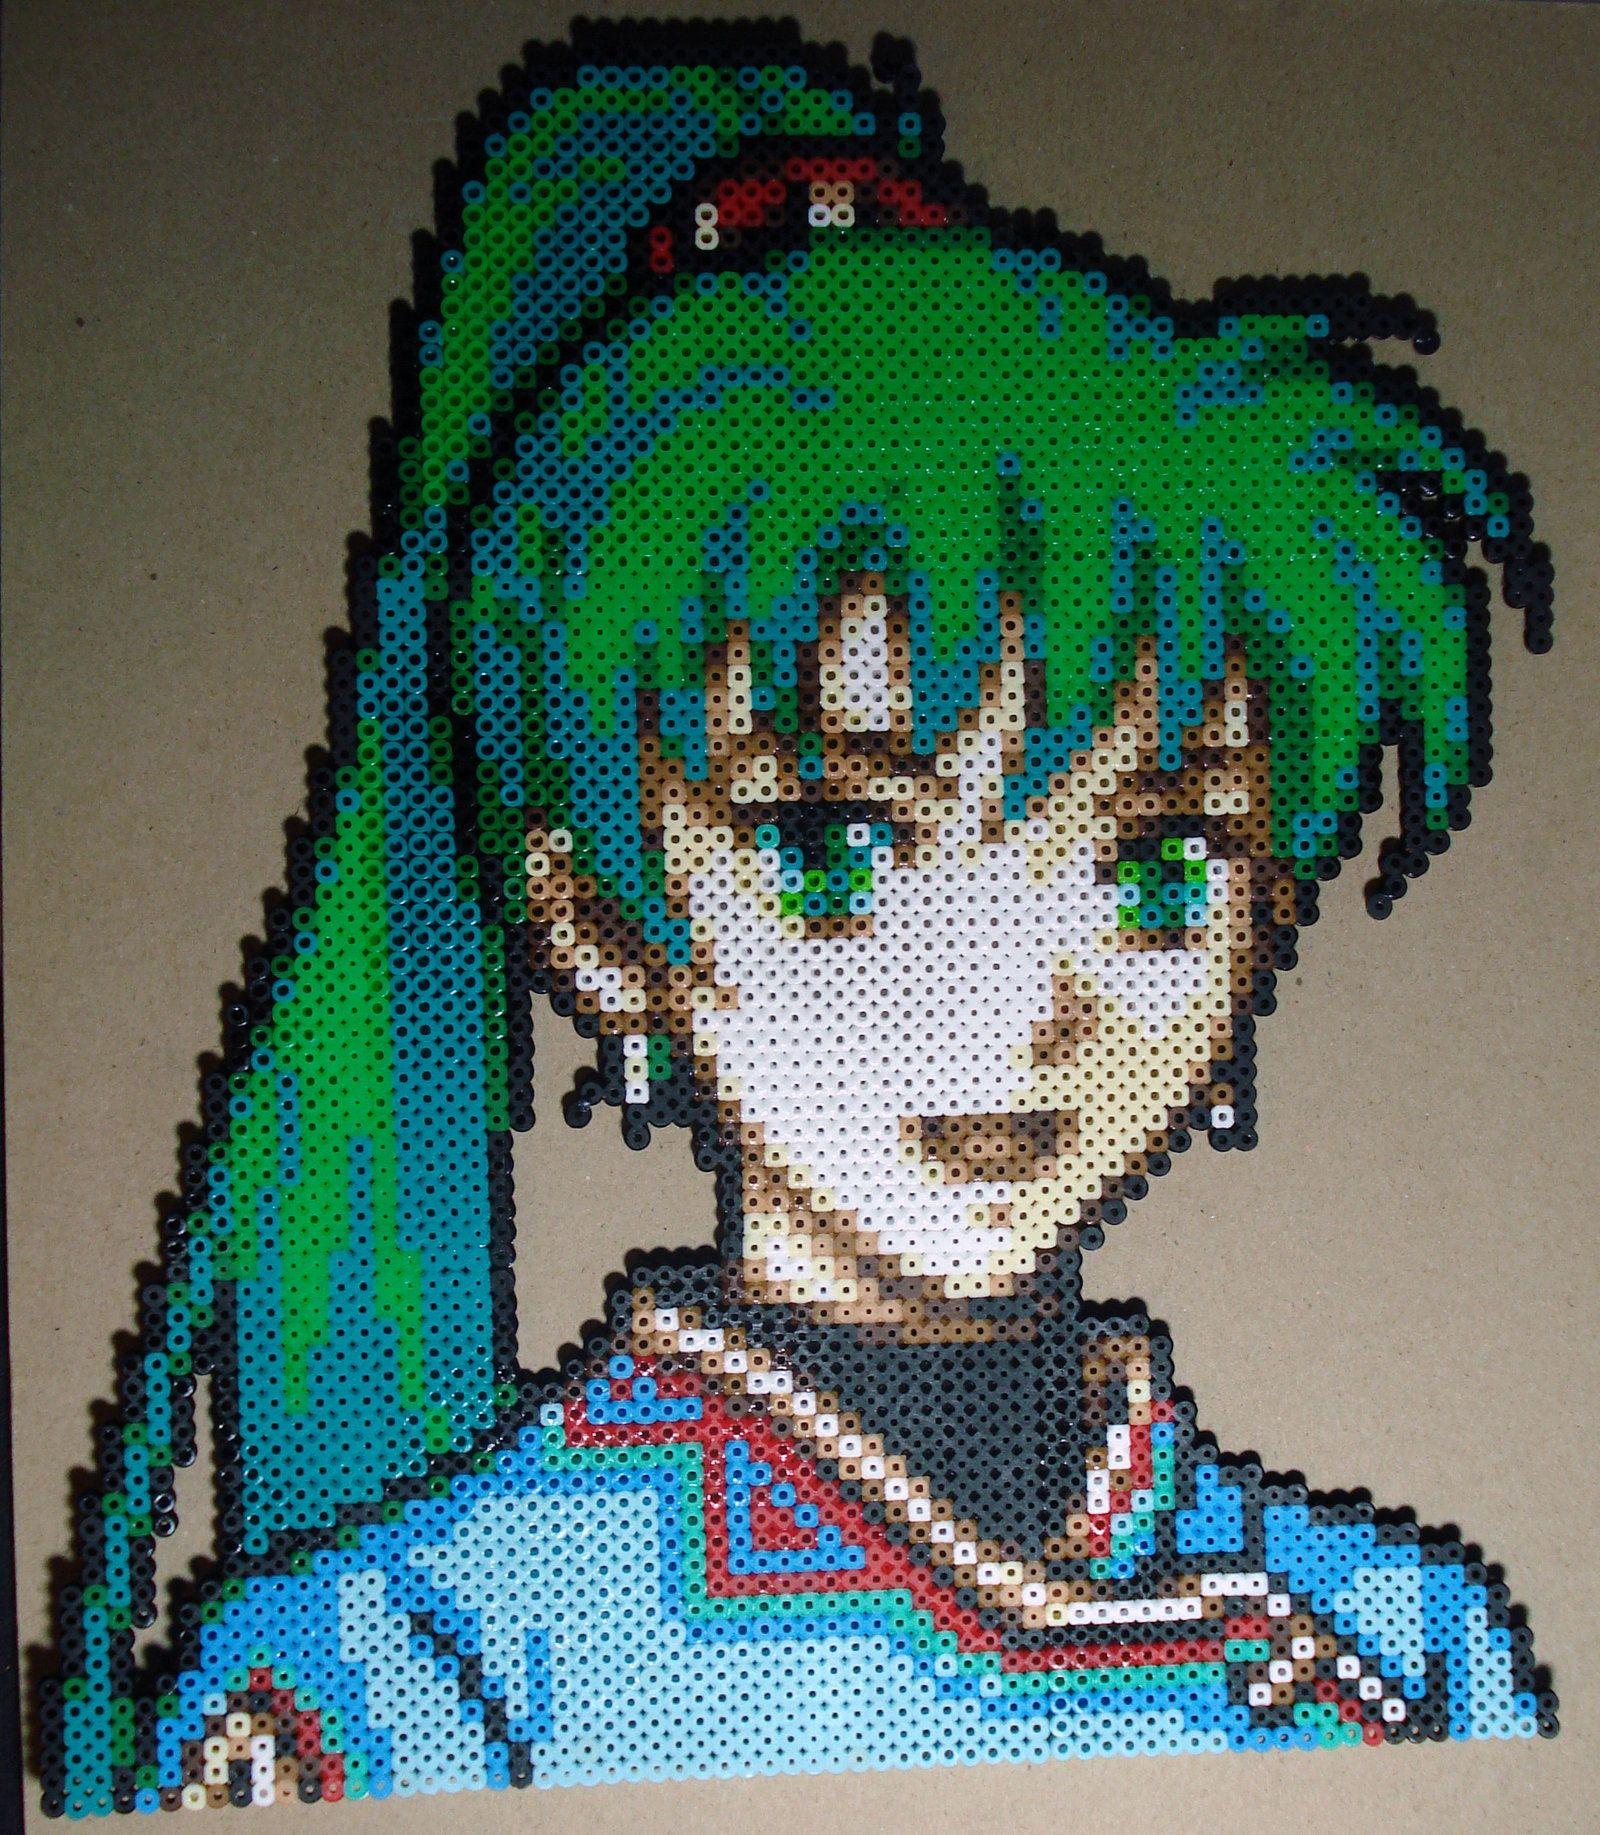 Perles à repasser Lyn - Bead sprite perler pixel art Fire emblem